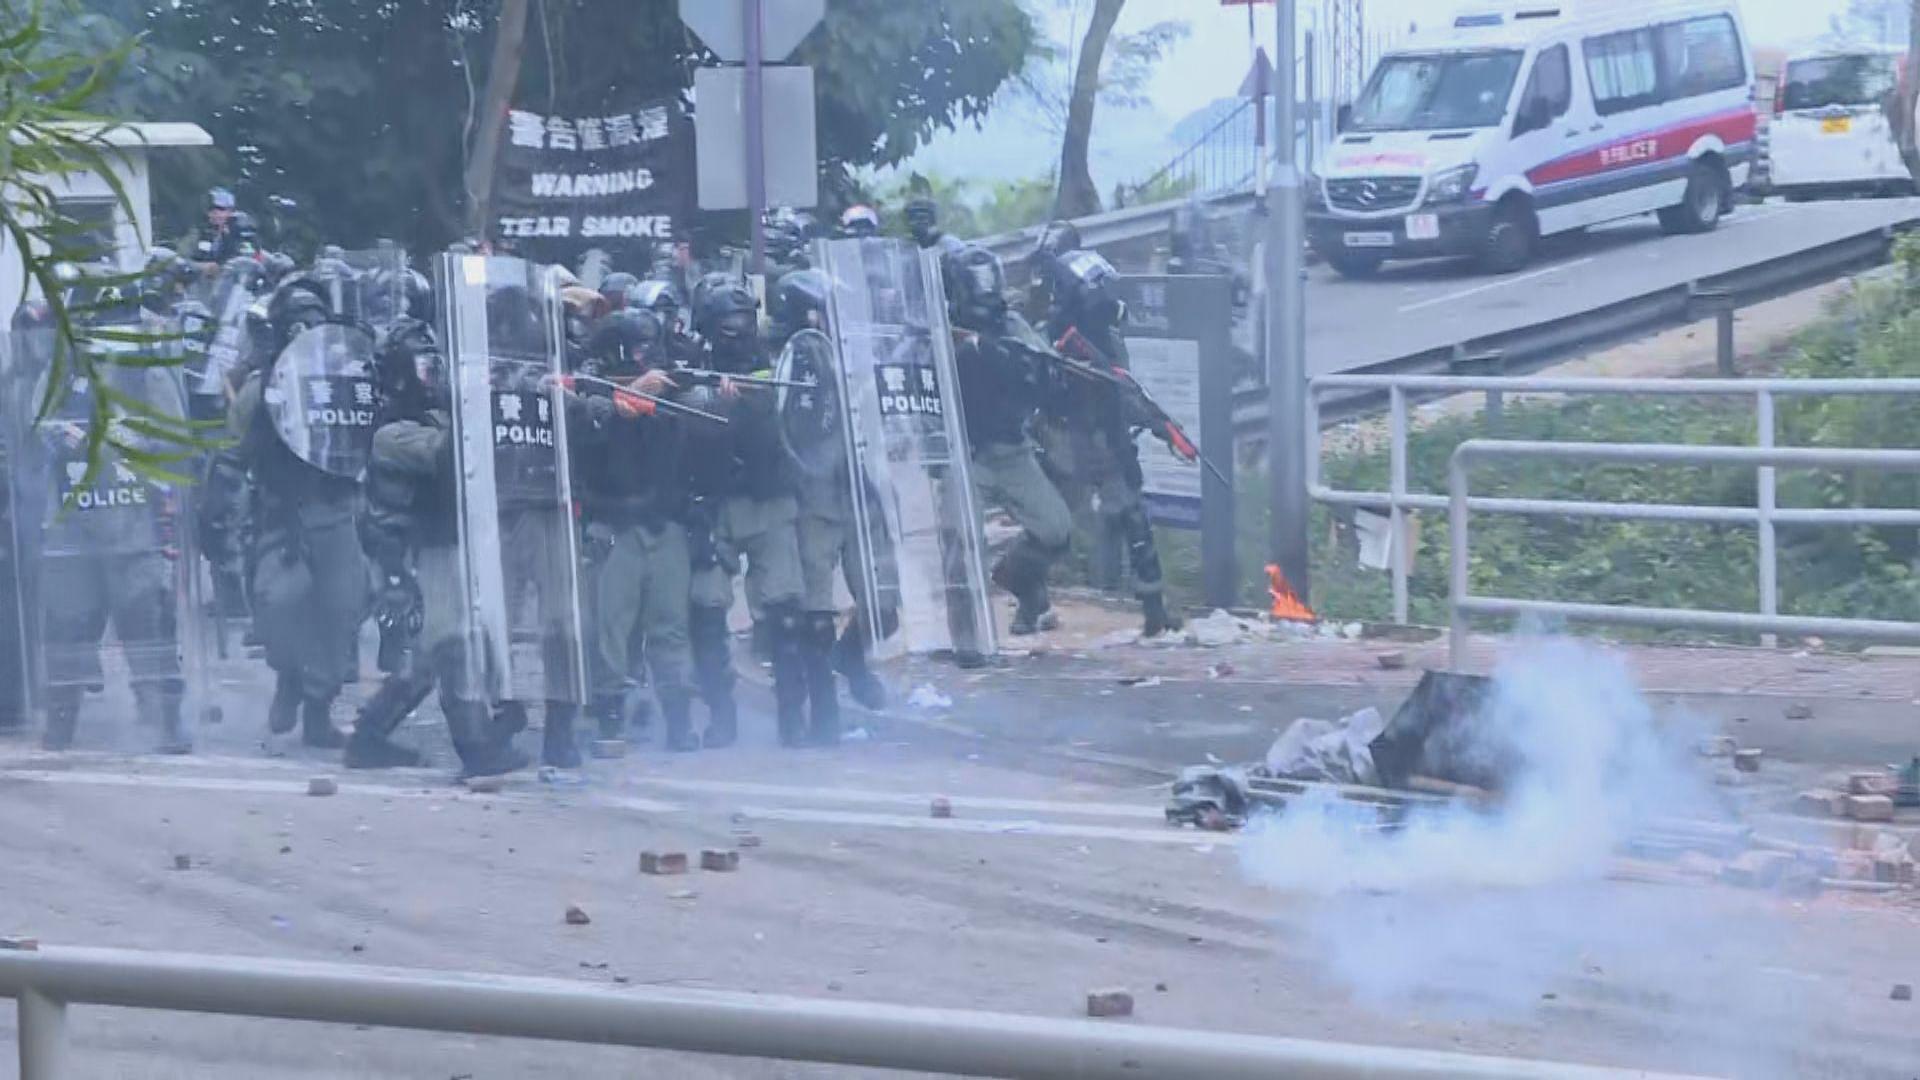 警方中大校園內施放催淚彈 示威者投擲汽油彈